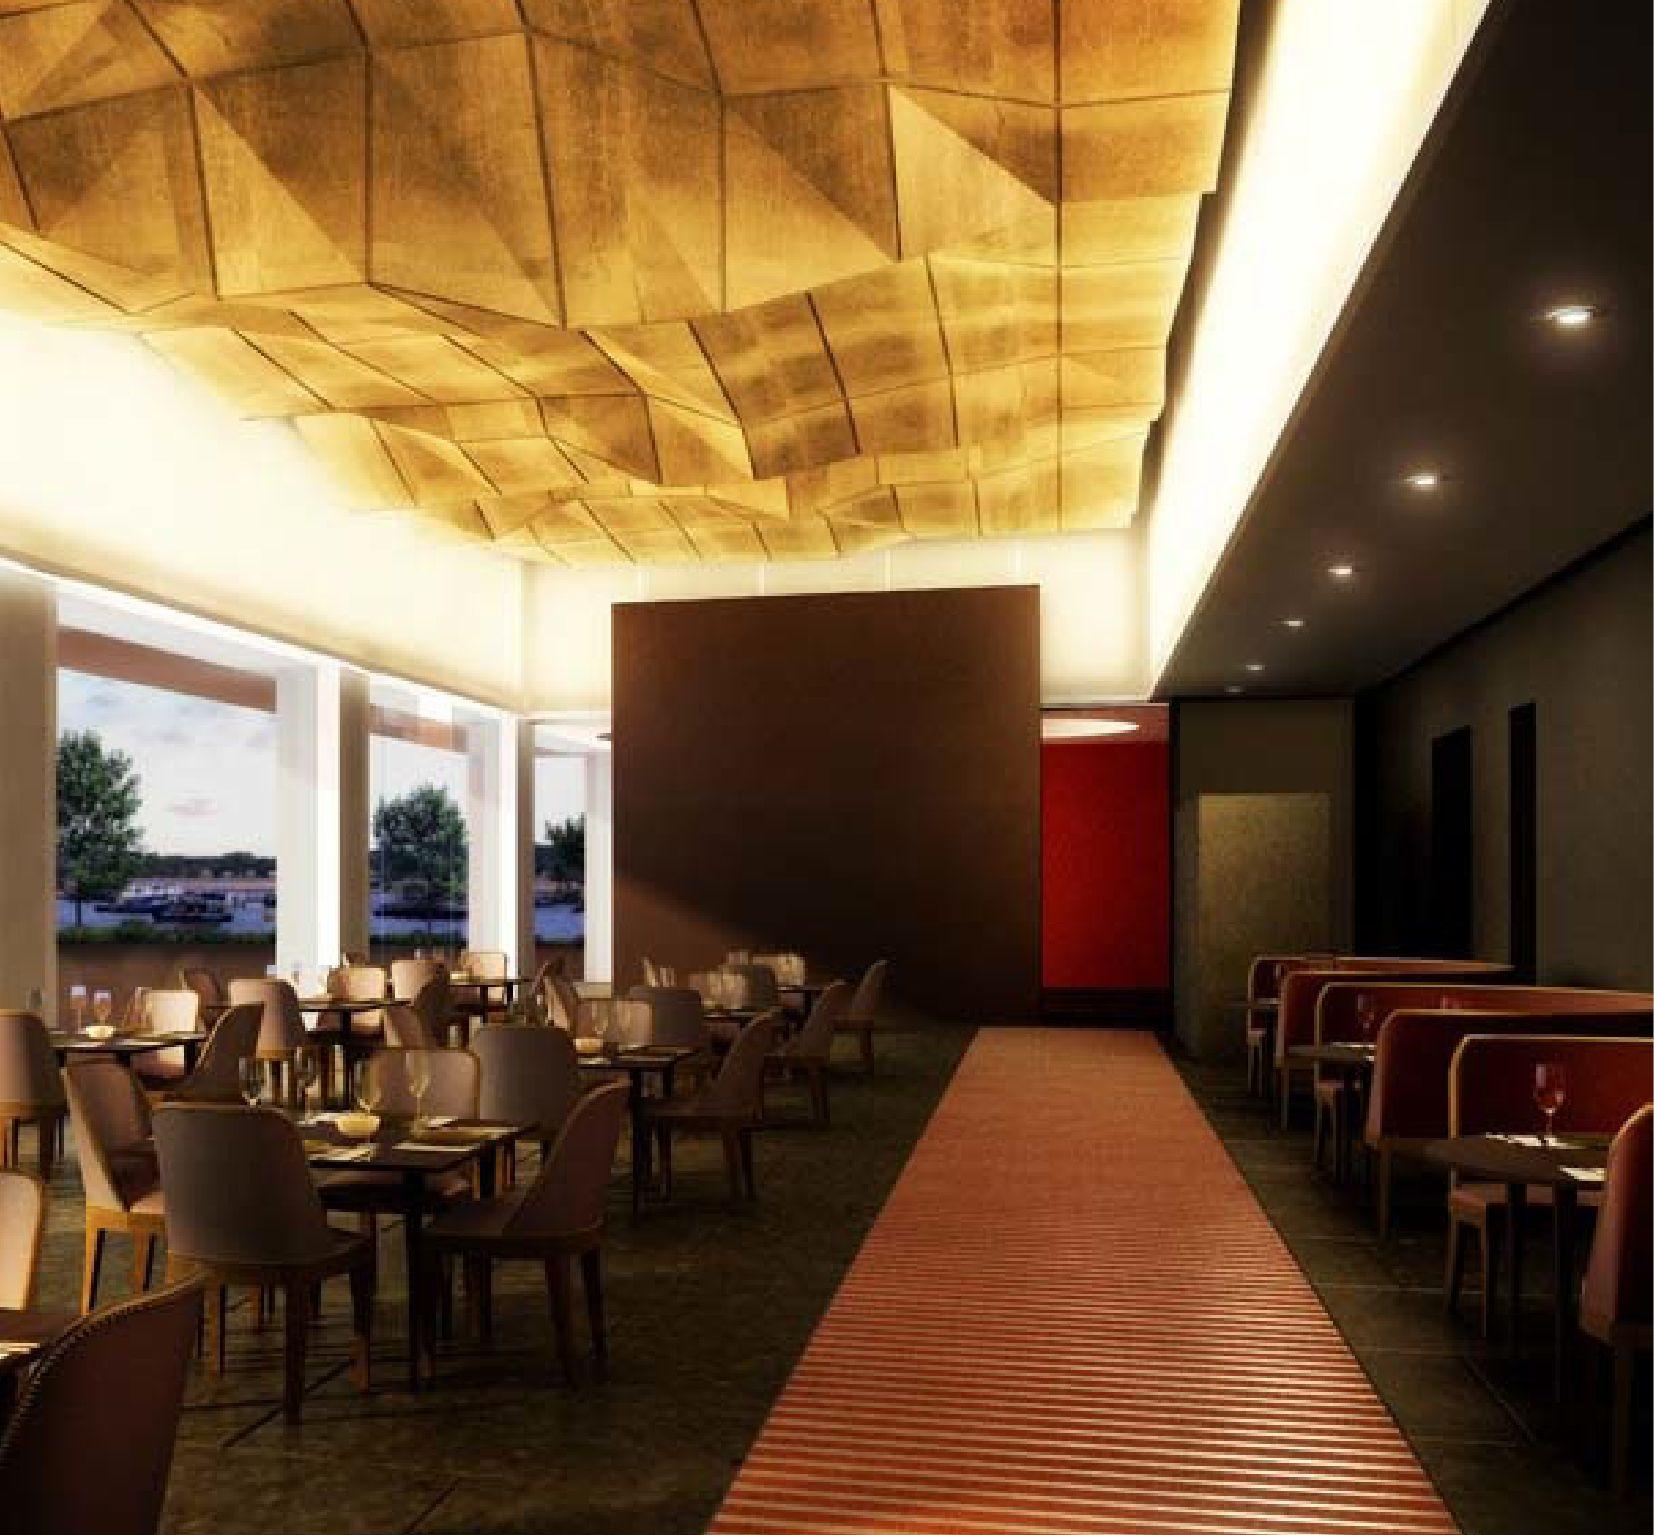 02-Architecture-Interieur-Aménagement-Restaurant-Cuisine-Singapour ...